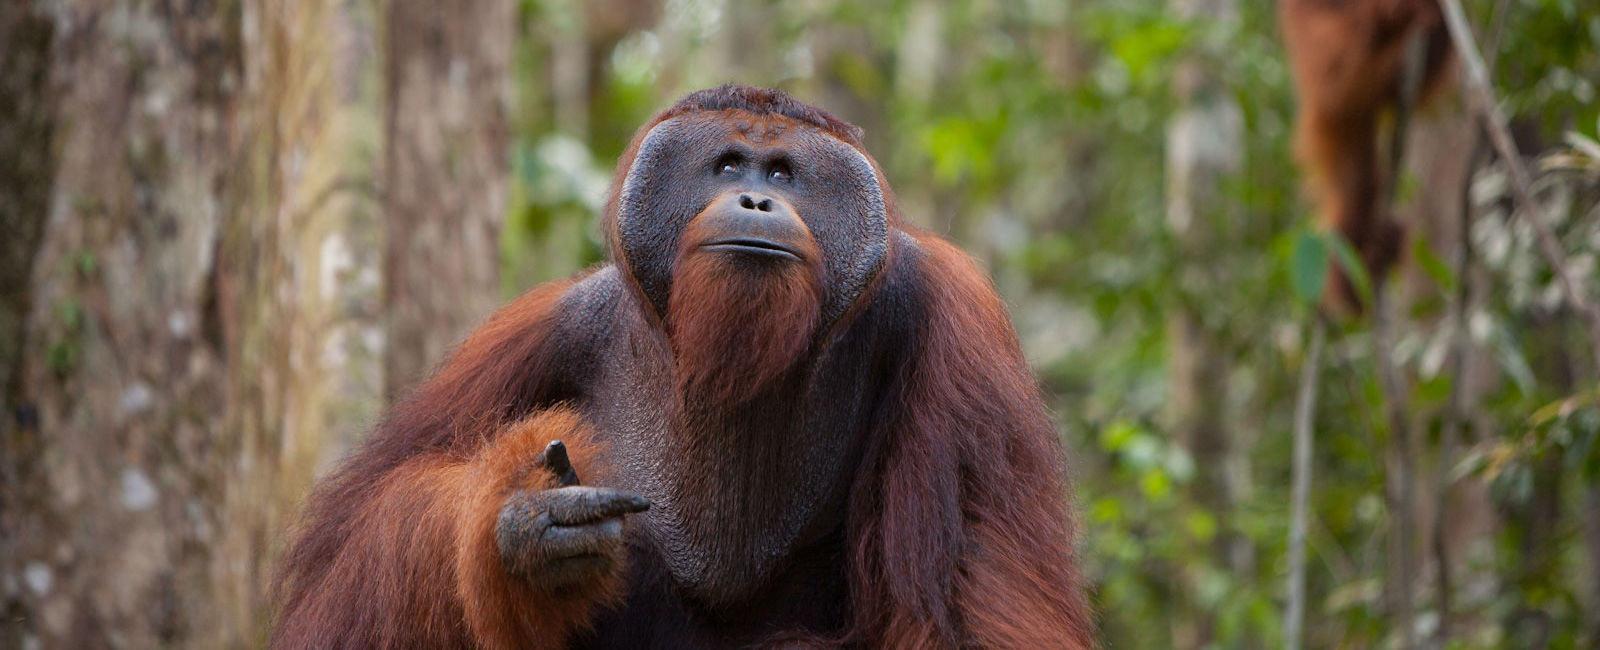 Orangotando no Sudeste Asiático. Foto: OFI